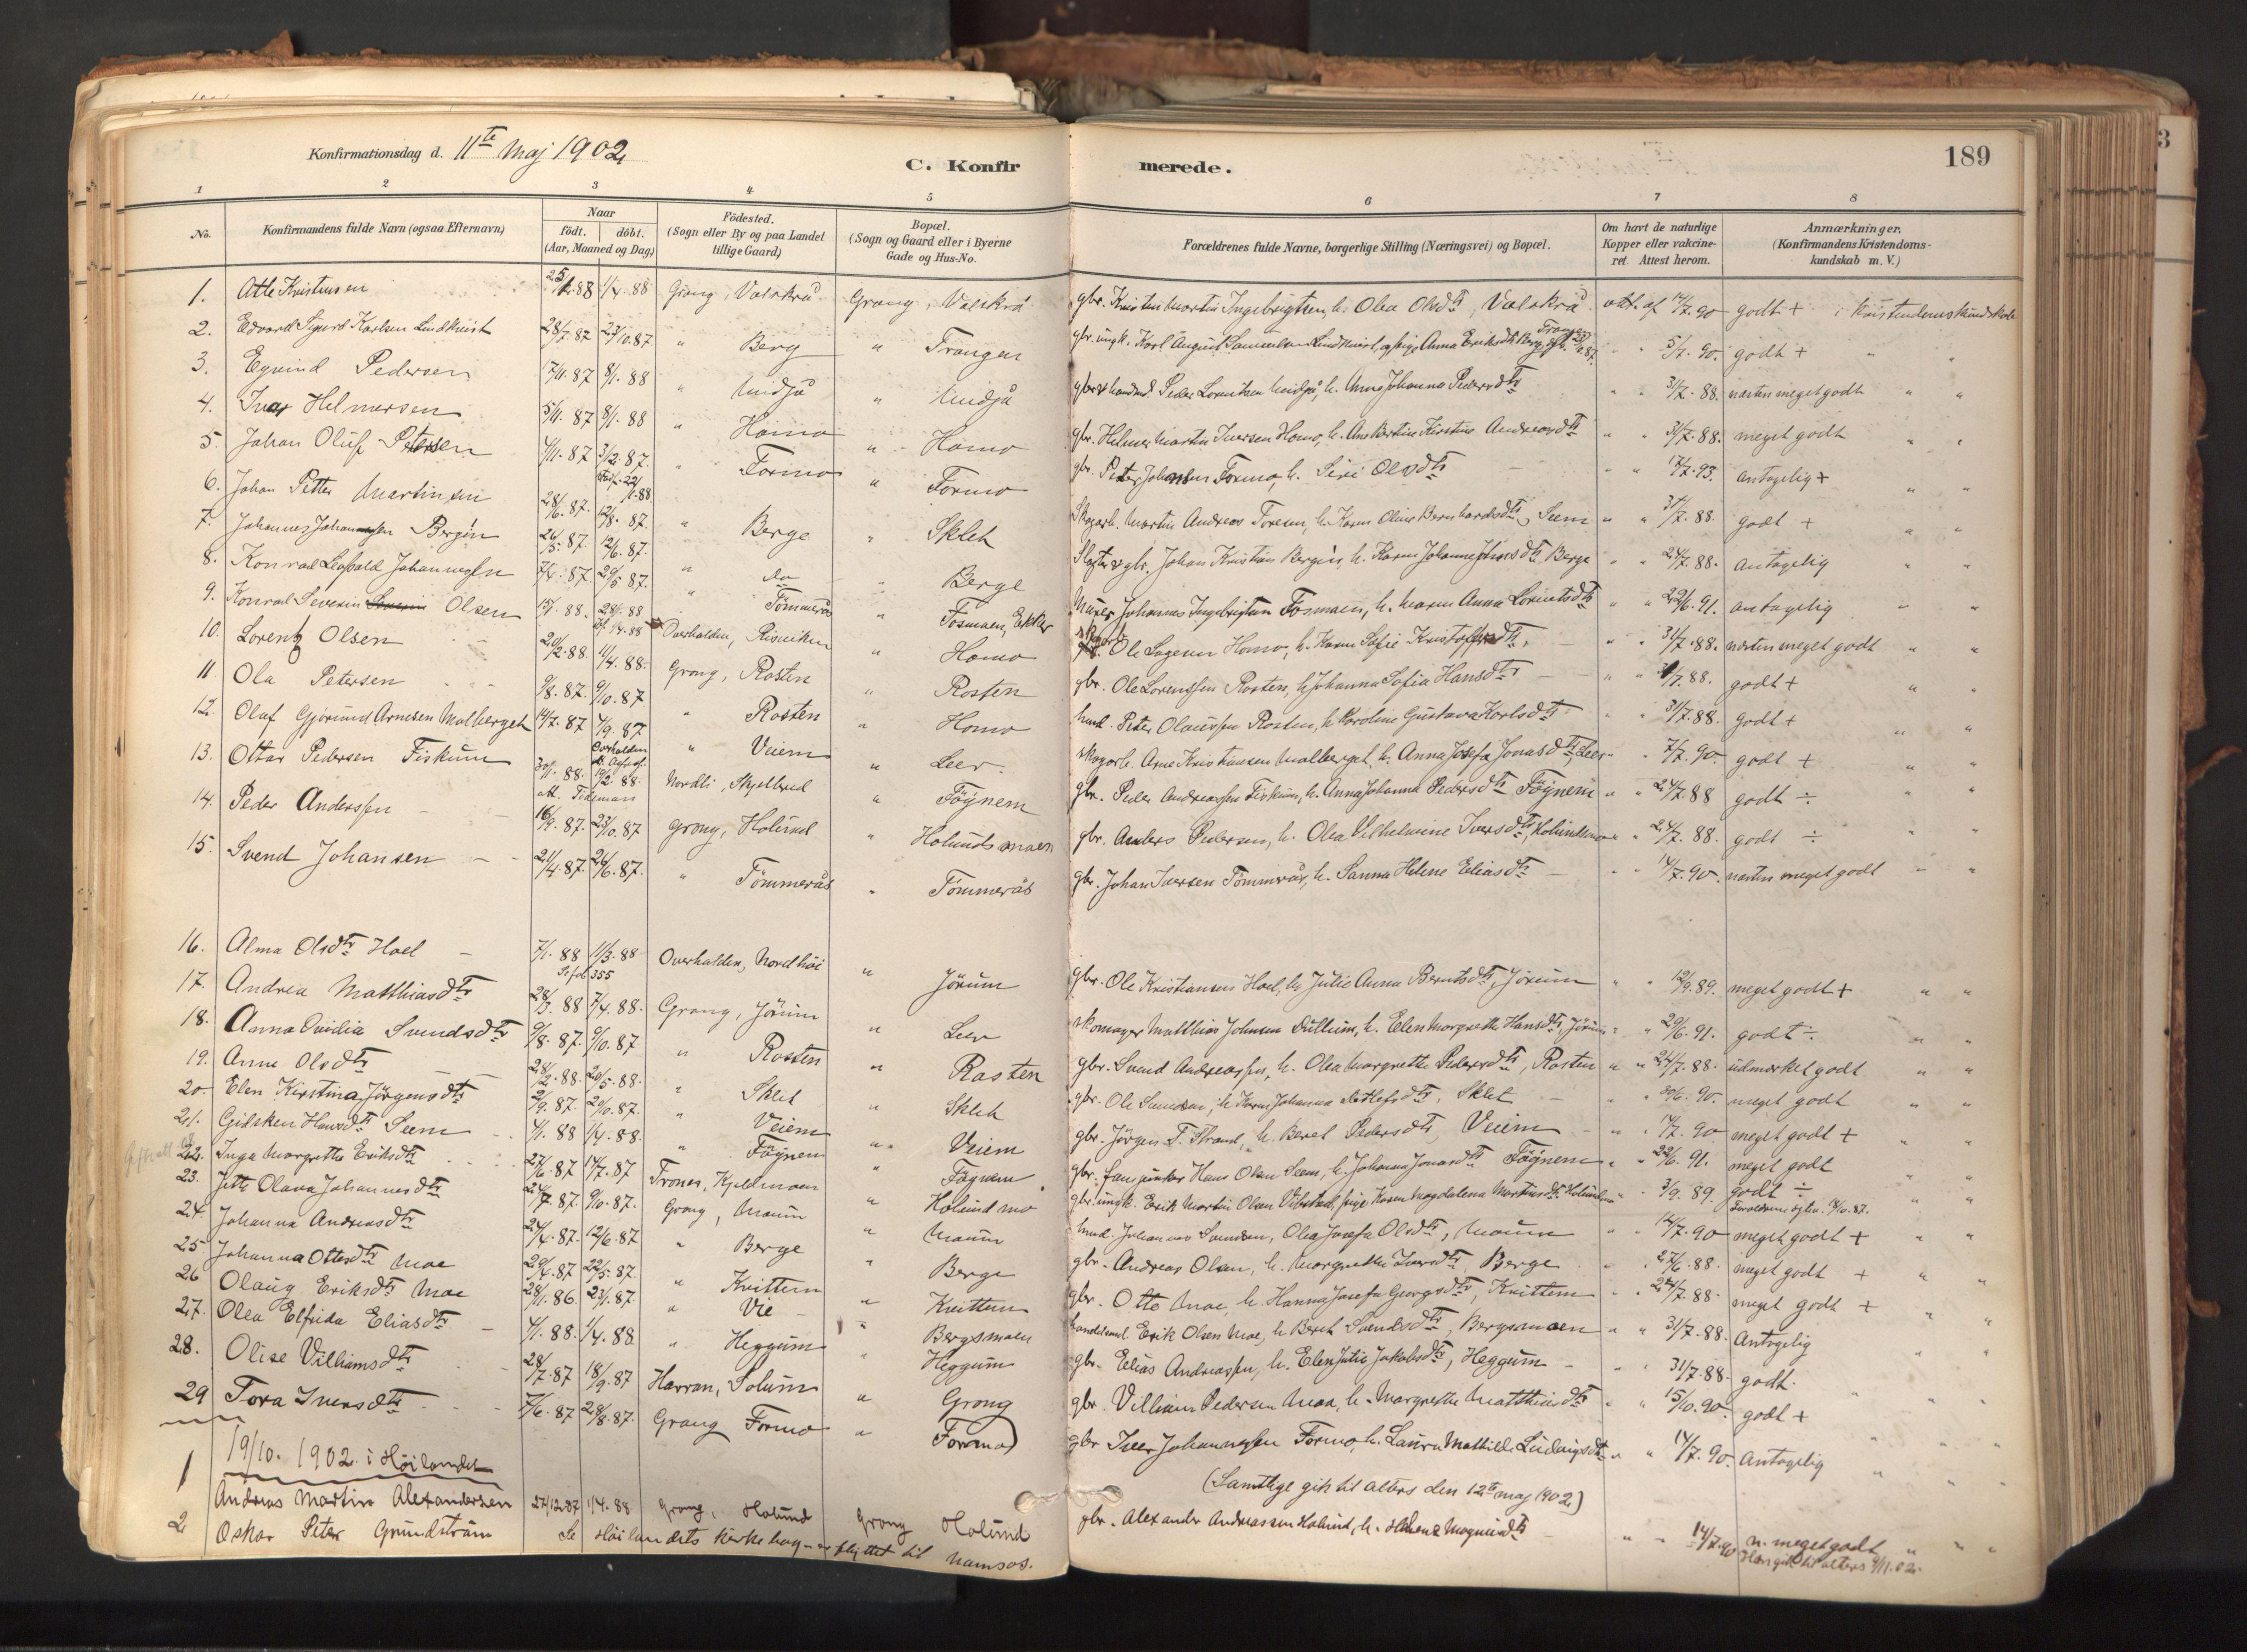 SAT, Ministerialprotokoller, klokkerbøker og fødselsregistre - Nord-Trøndelag, 758/L0519: Ministerialbok nr. 758A04, 1880-1926, s. 189